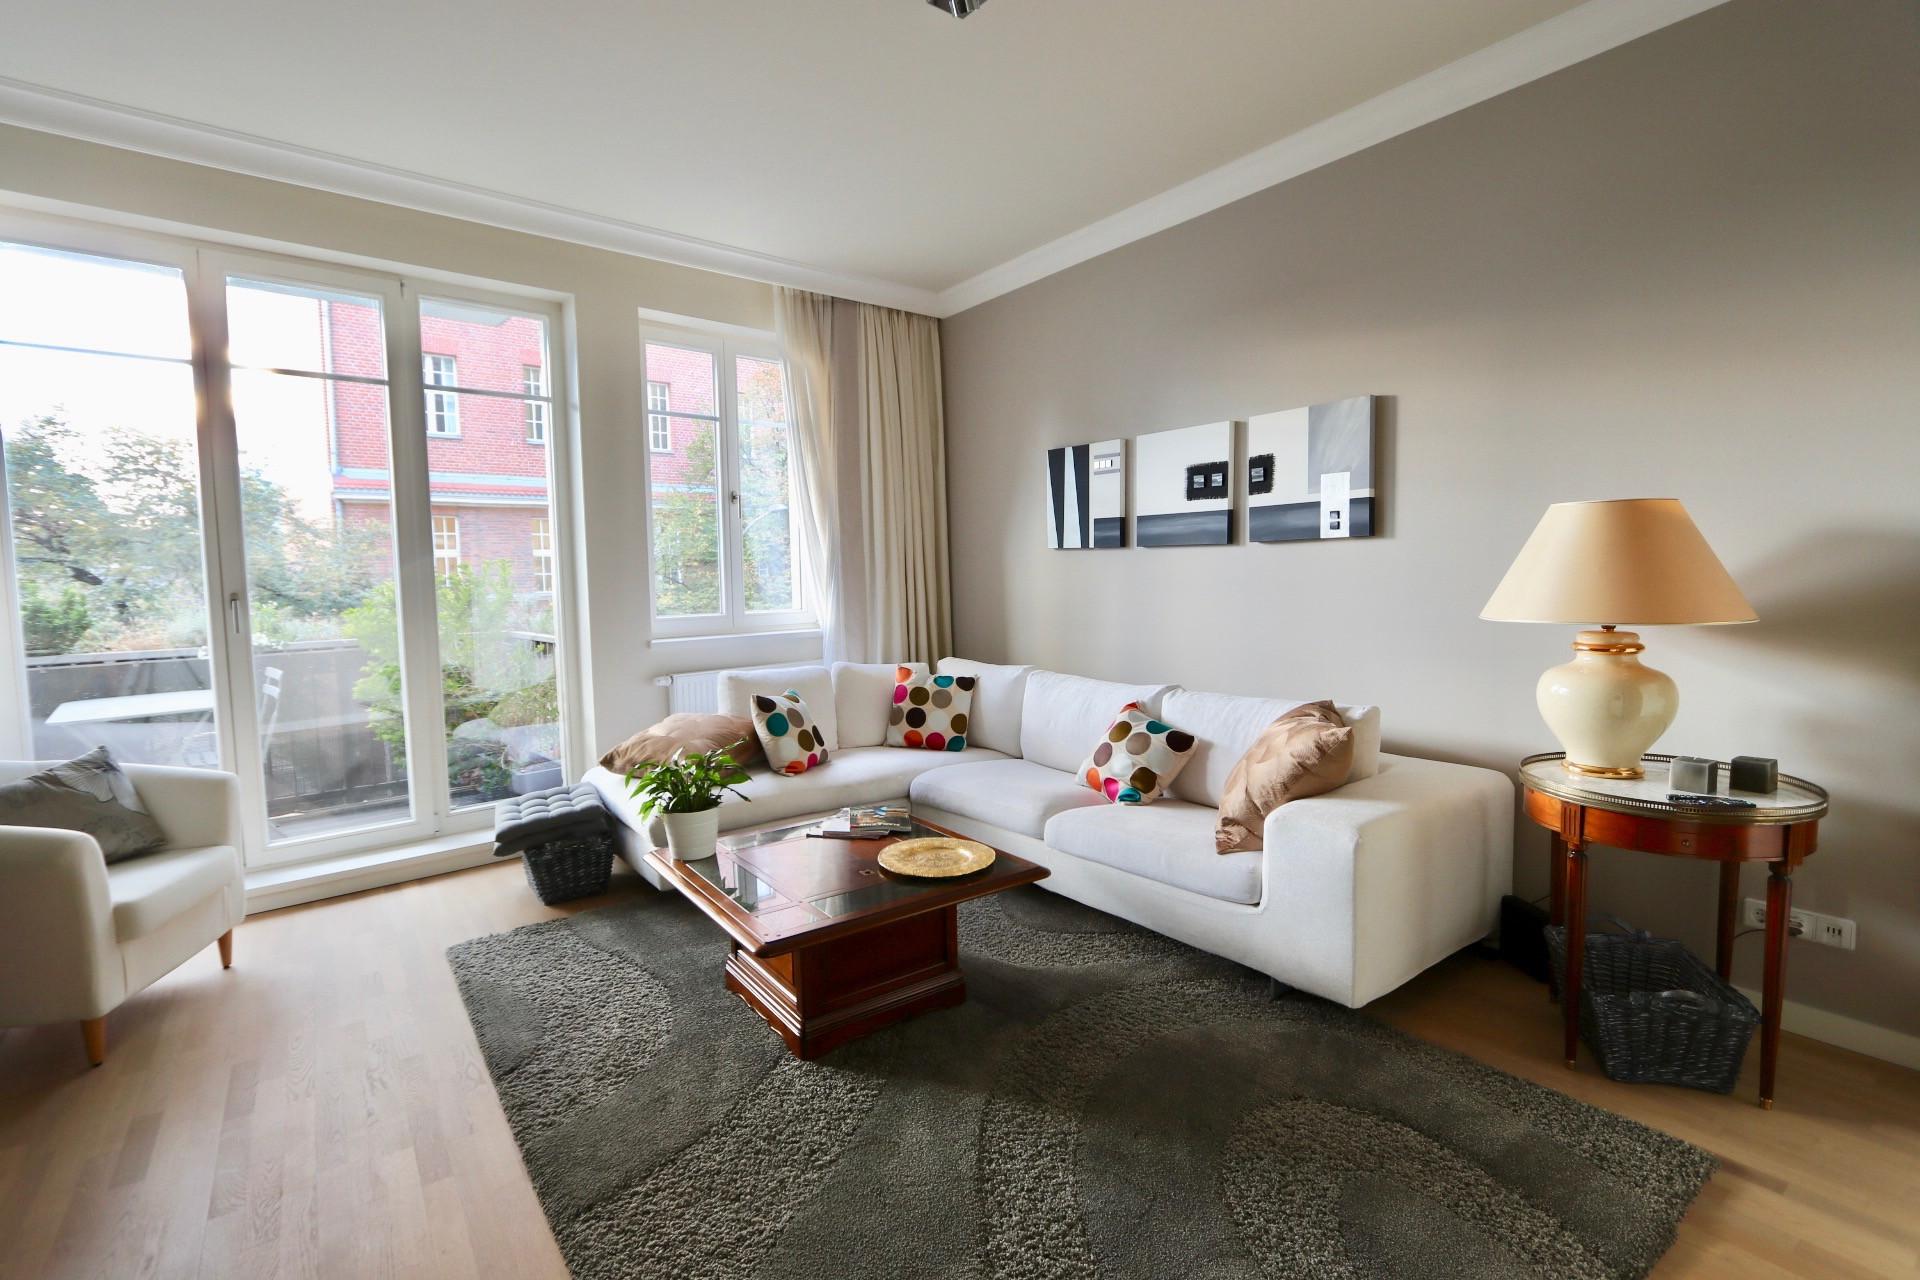 Wohnung In Berlin Mieten  2 Zimmer Wohnung Berlin Prenzlauer Berg Mieten Designer 3